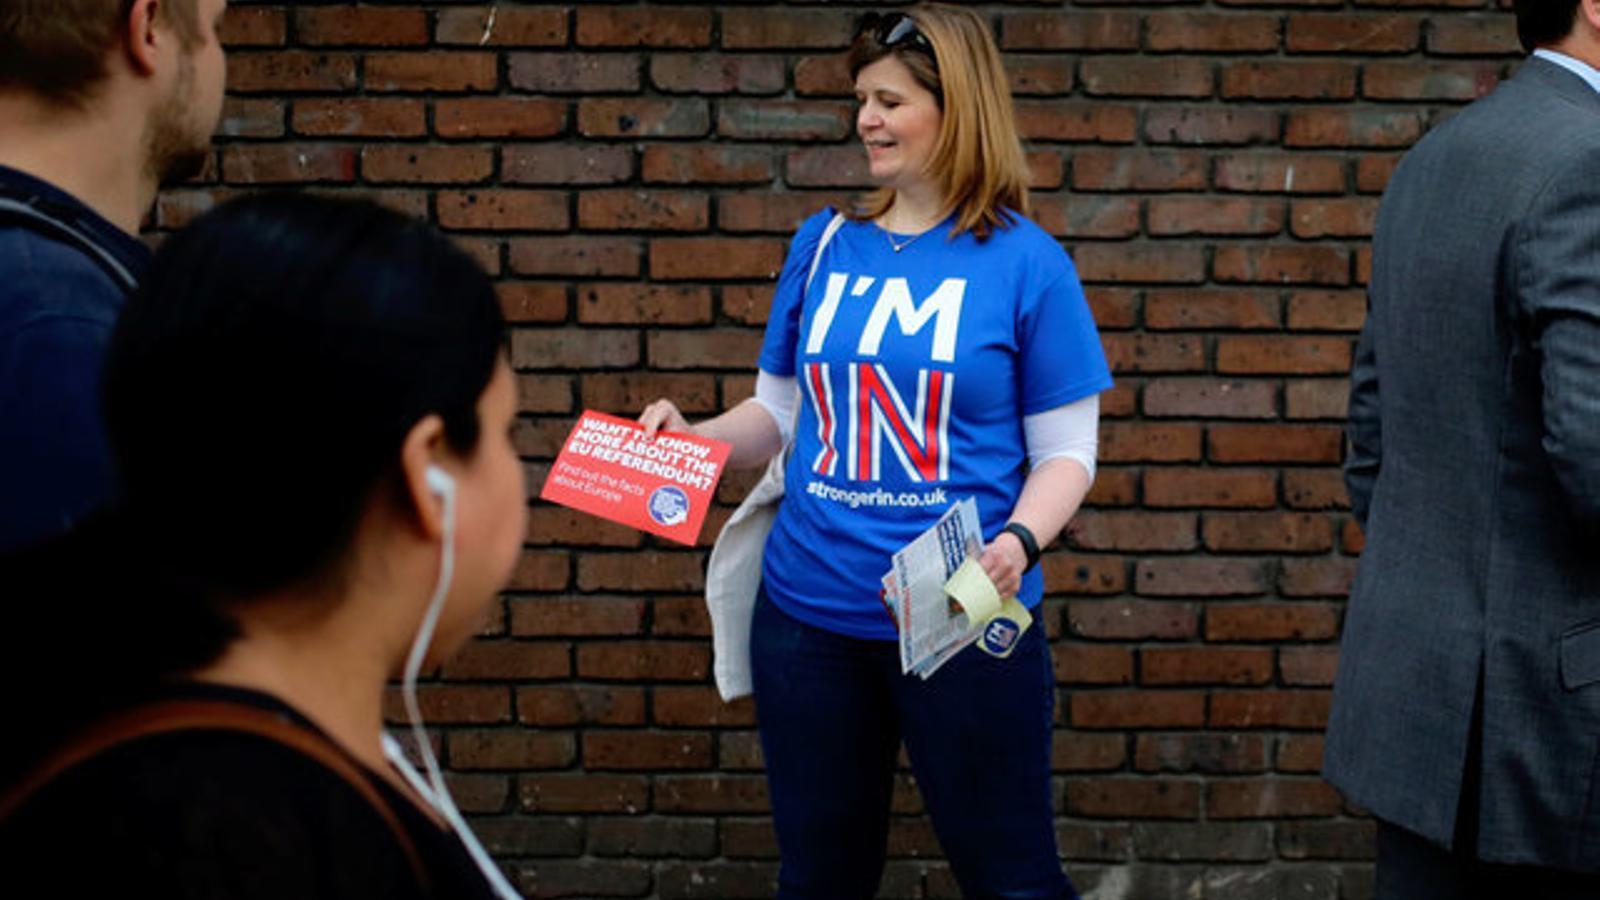 Una dona fa campanya per evitar el 'Brexit' a Londres